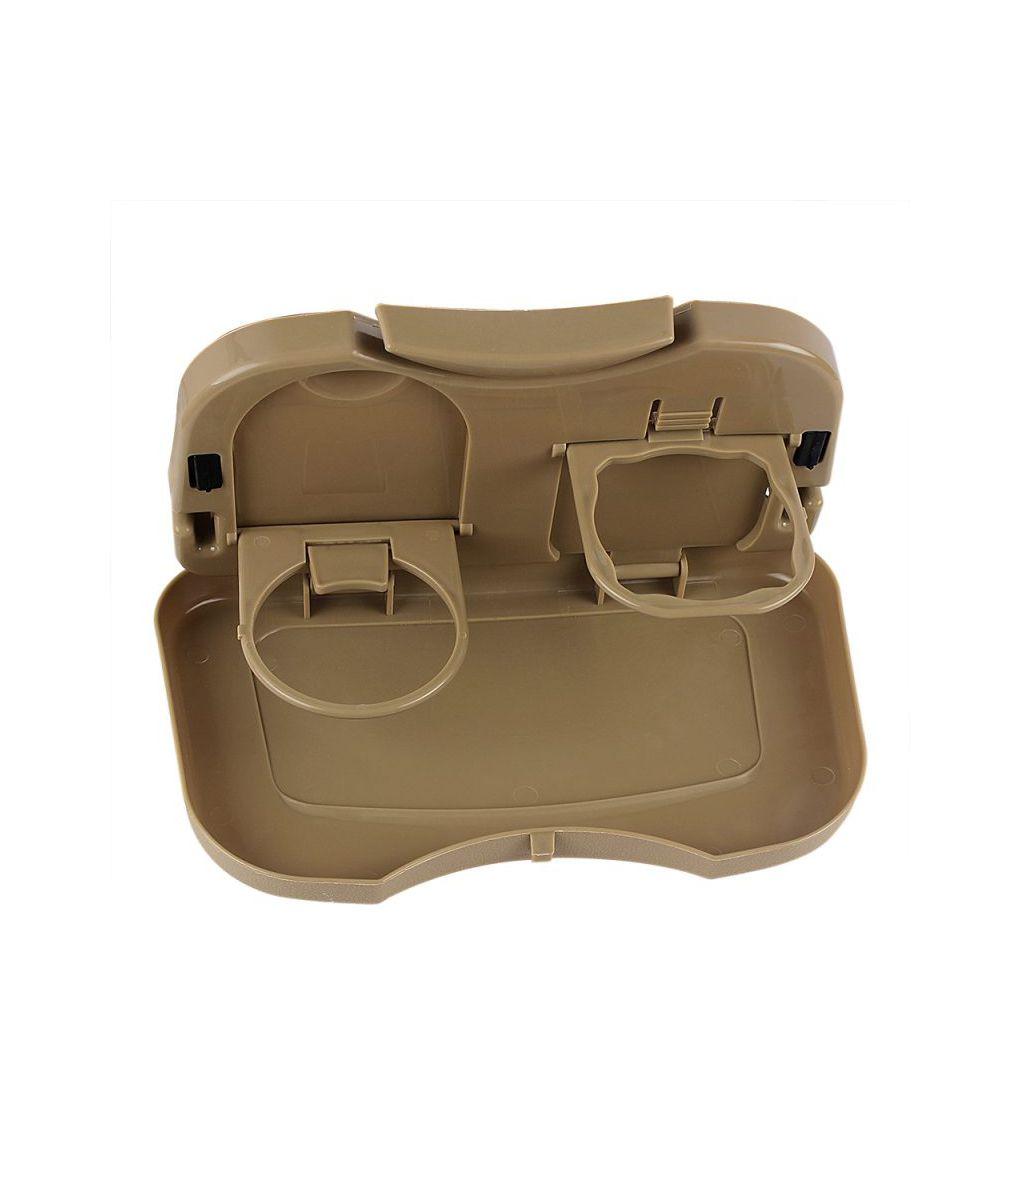 Car folding tray food tray for car back seat enjoy a